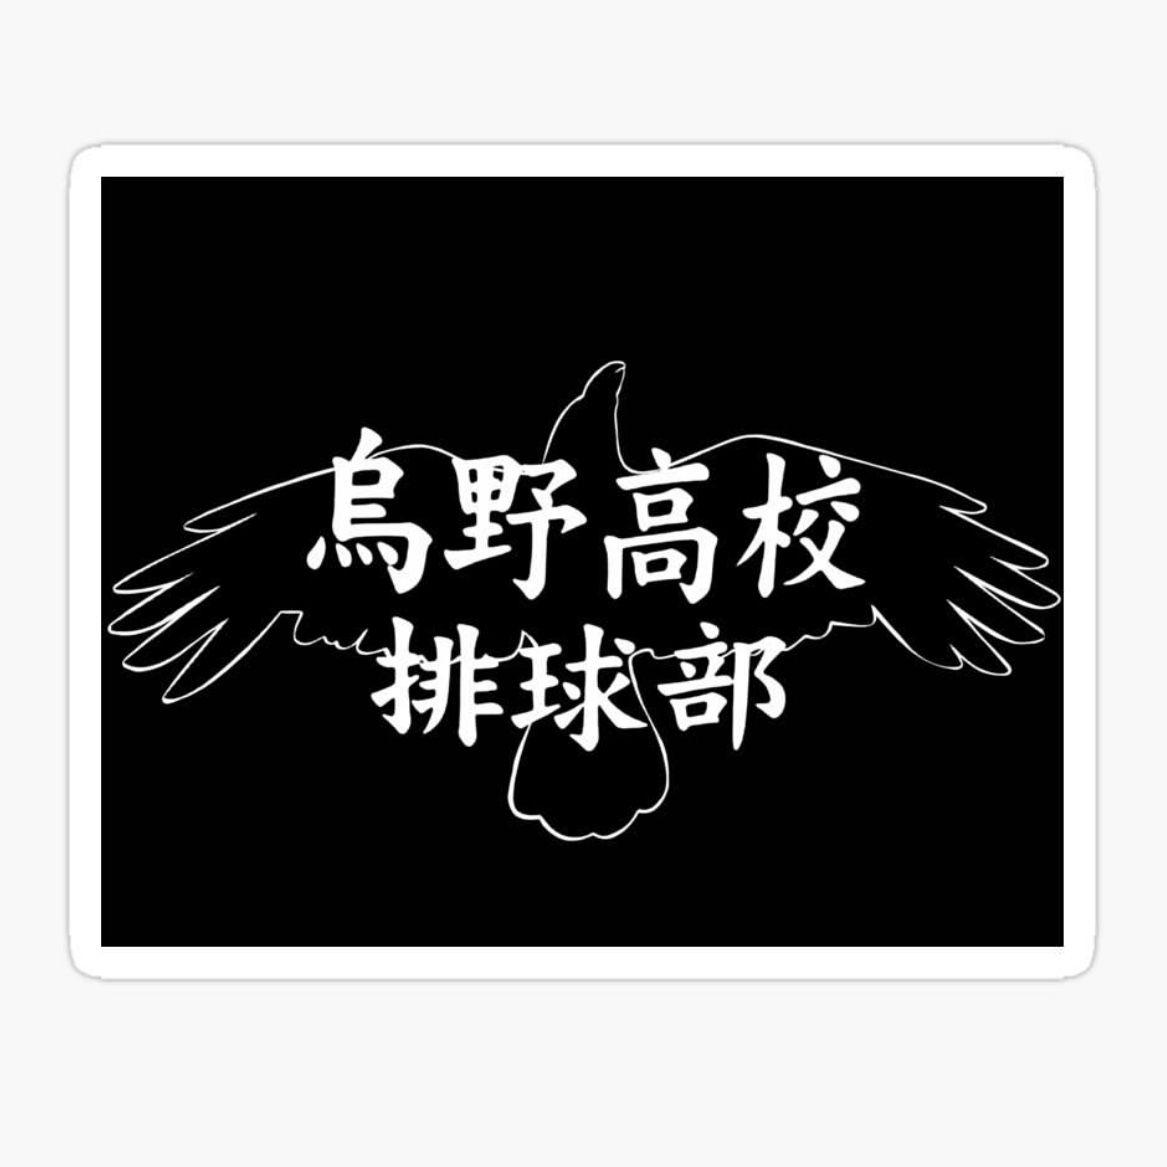 Karasuno Volleyball Club Design Sticker By Malice7222 Redbubble In 2020 Club Design Design Sticker Design